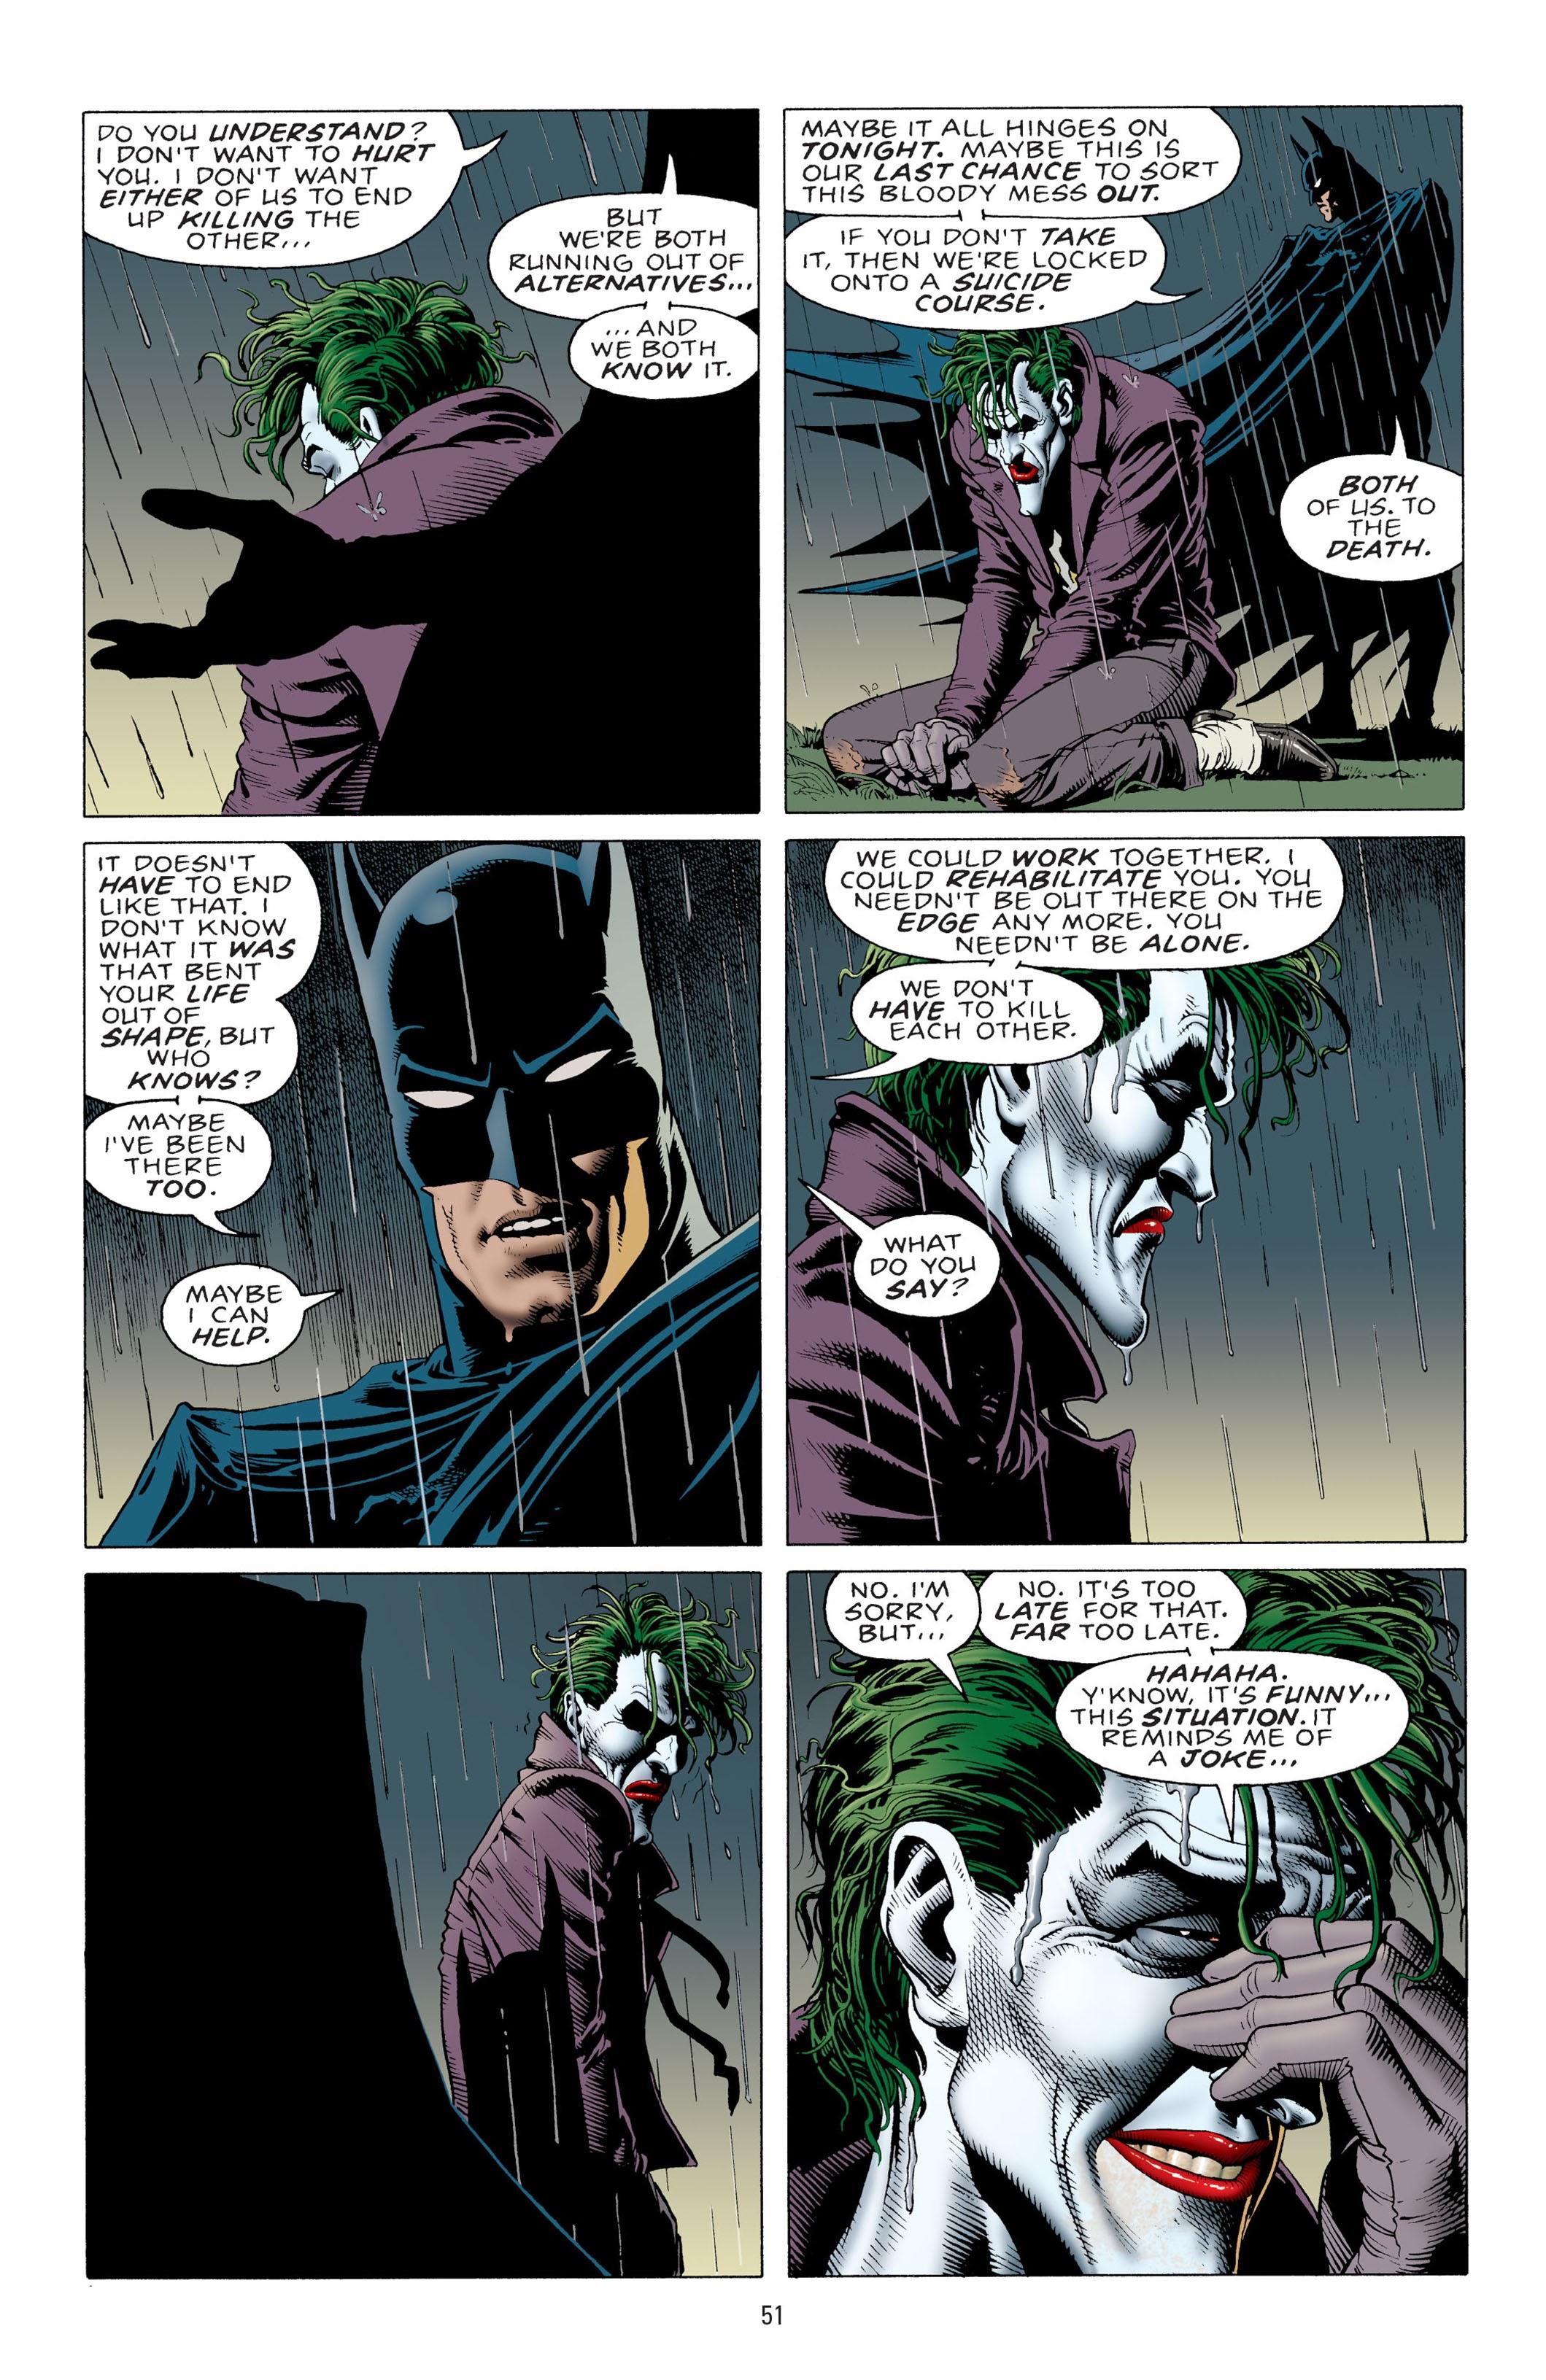 Psychology of Bruce Wayne JndYgl7BWATwidjX9SVG58XK4HpYJK2vCIOsKDAws9LfCsfTfI3KI1UBdYMAGjenzmSnFvtNzwId6bkmoW6vWkGtQsJ7n7LDAdwdr5MiEyz7eJcM7BmhrUukZfeNk3oKyrH7_pcYmQ=s0